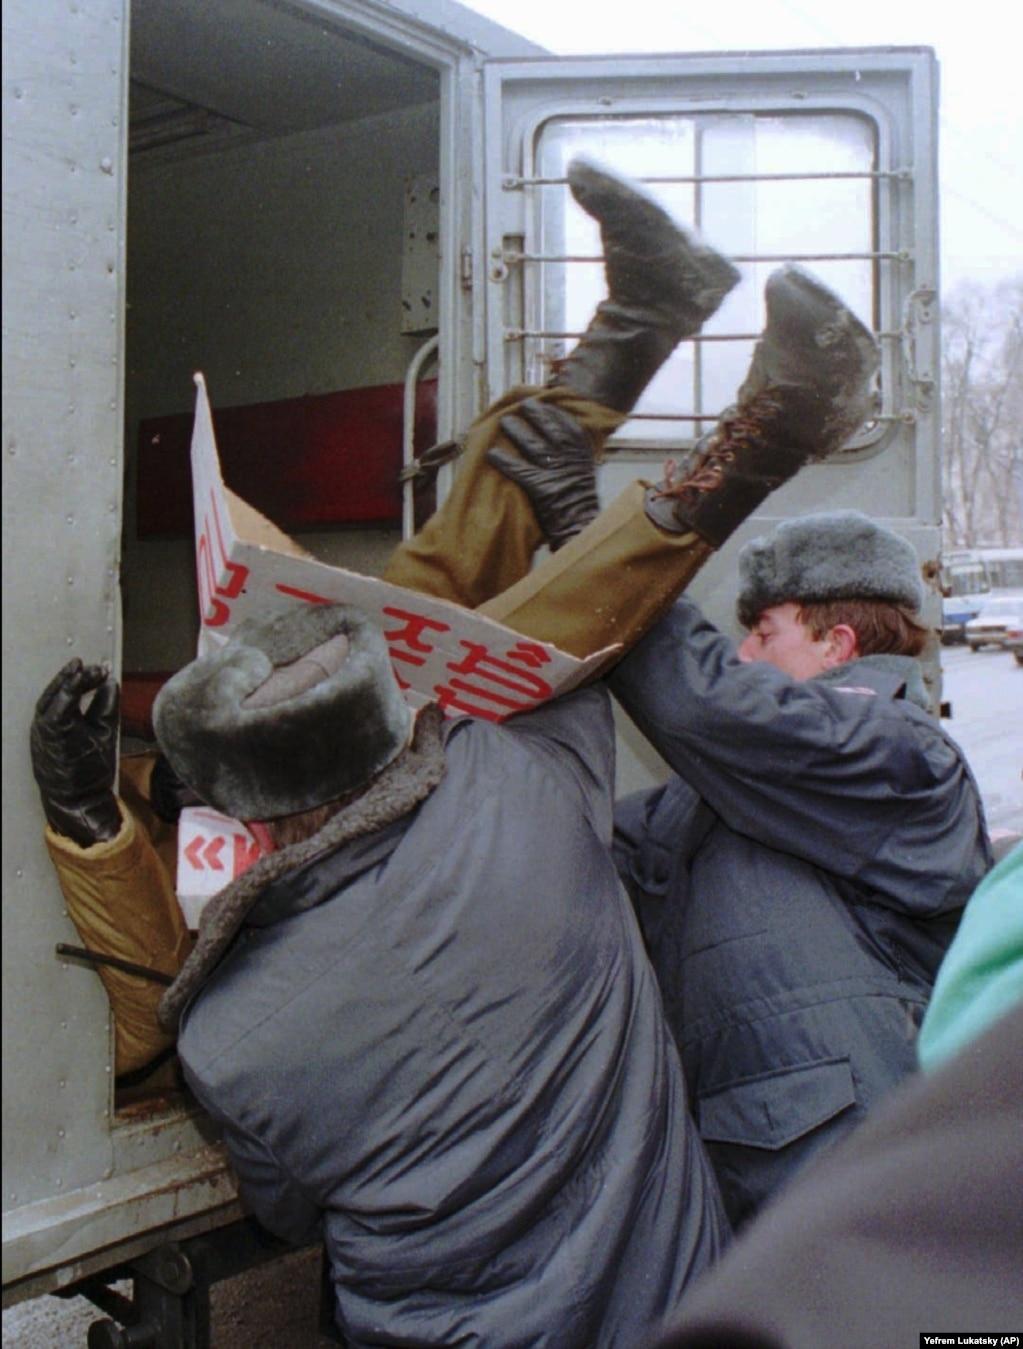 Милиция задерживает участника акции протеста в Киеве 12 января 1996 года. Несколько членов украинского парламента организовали протест против договора о безъядерном статусе Украины. В то время как силы охраны порядка загружают его в милицейский фургон, он держит плакат с требованием отставки министра обороны Украины Валерия Шмарова